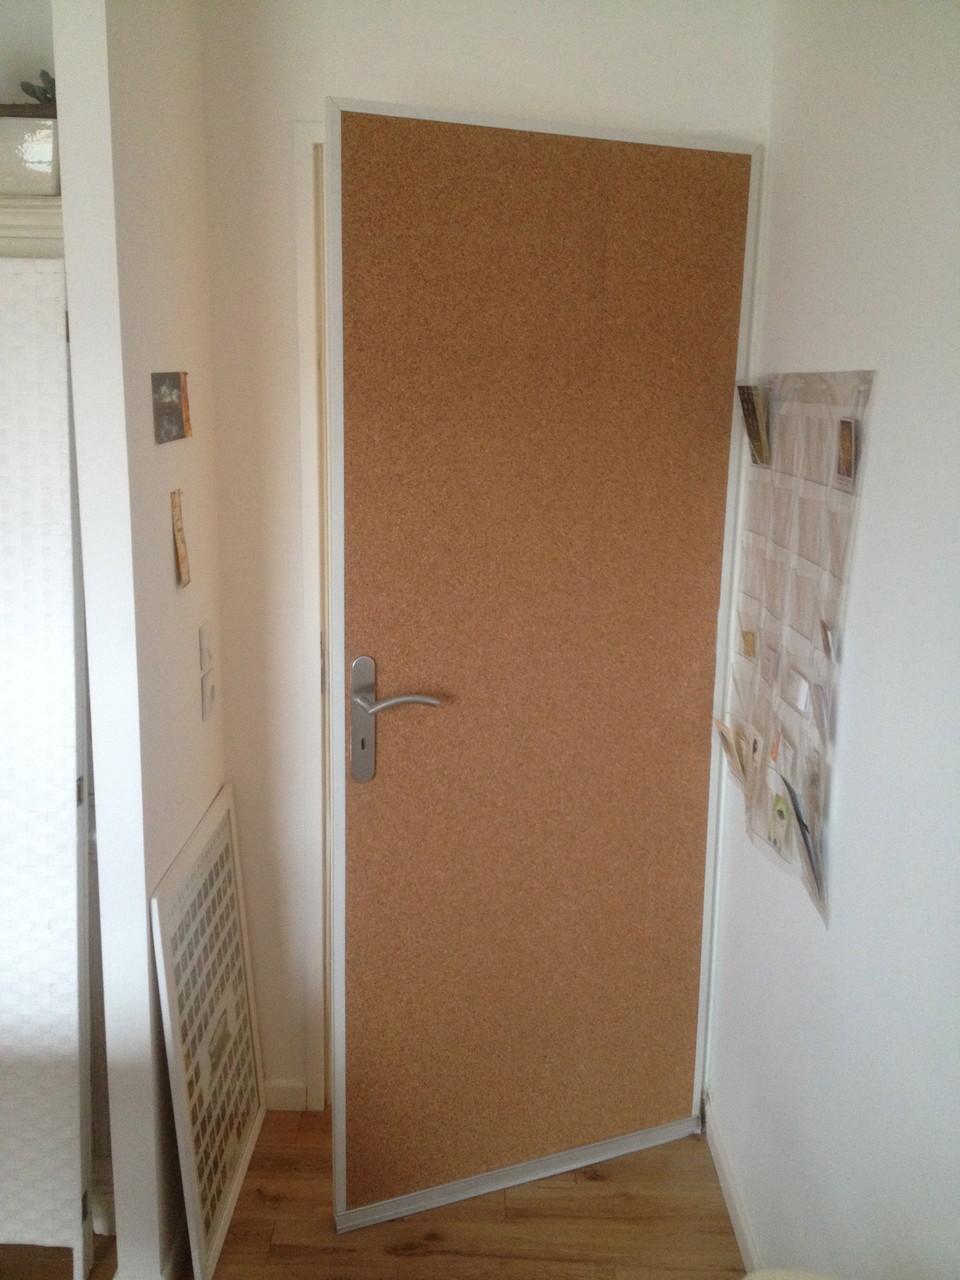 Renforcement d'isolation phonique d'une porte existante